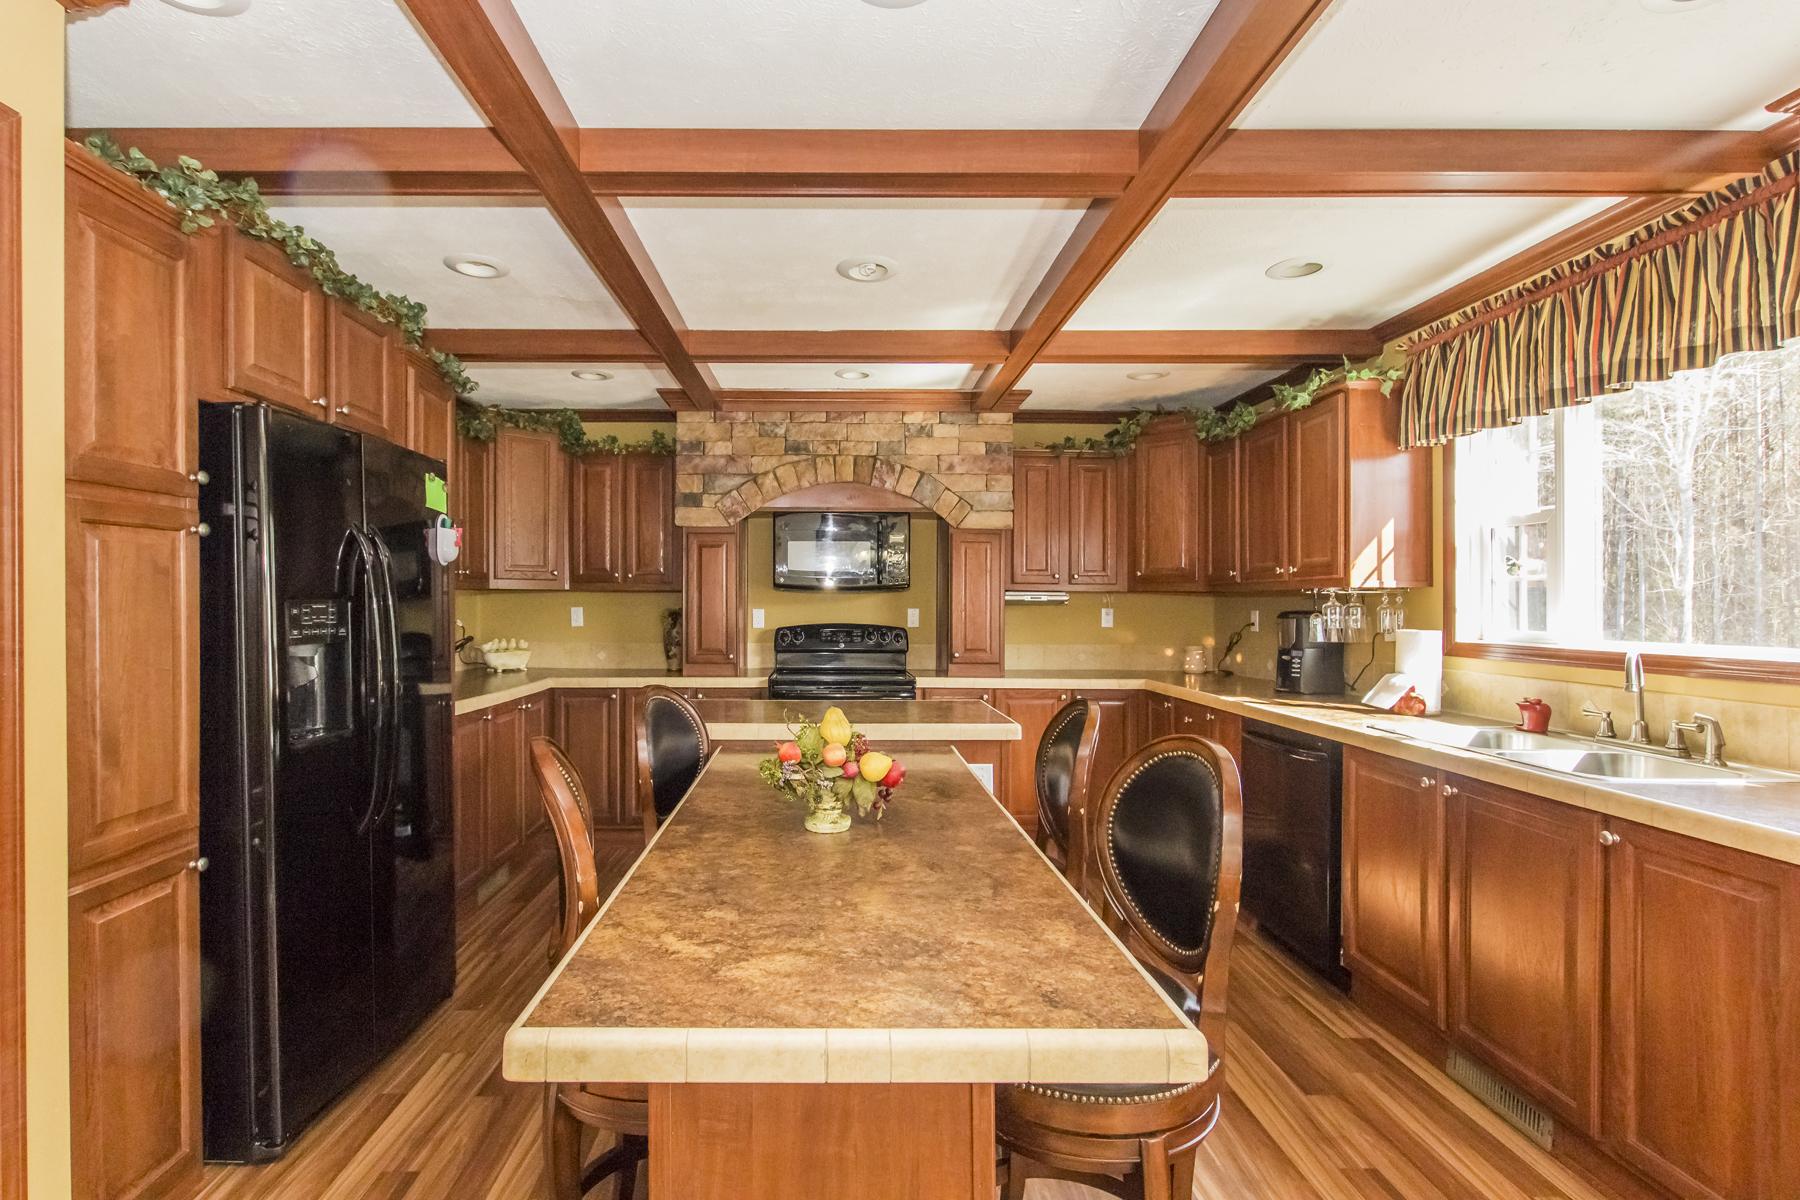 Частный односемейный дом для того Продажа на 790 NC Highway 32 S 790 HWY 32 S Hobbsville, Северная Каролина 27946 Соединенные Штаты